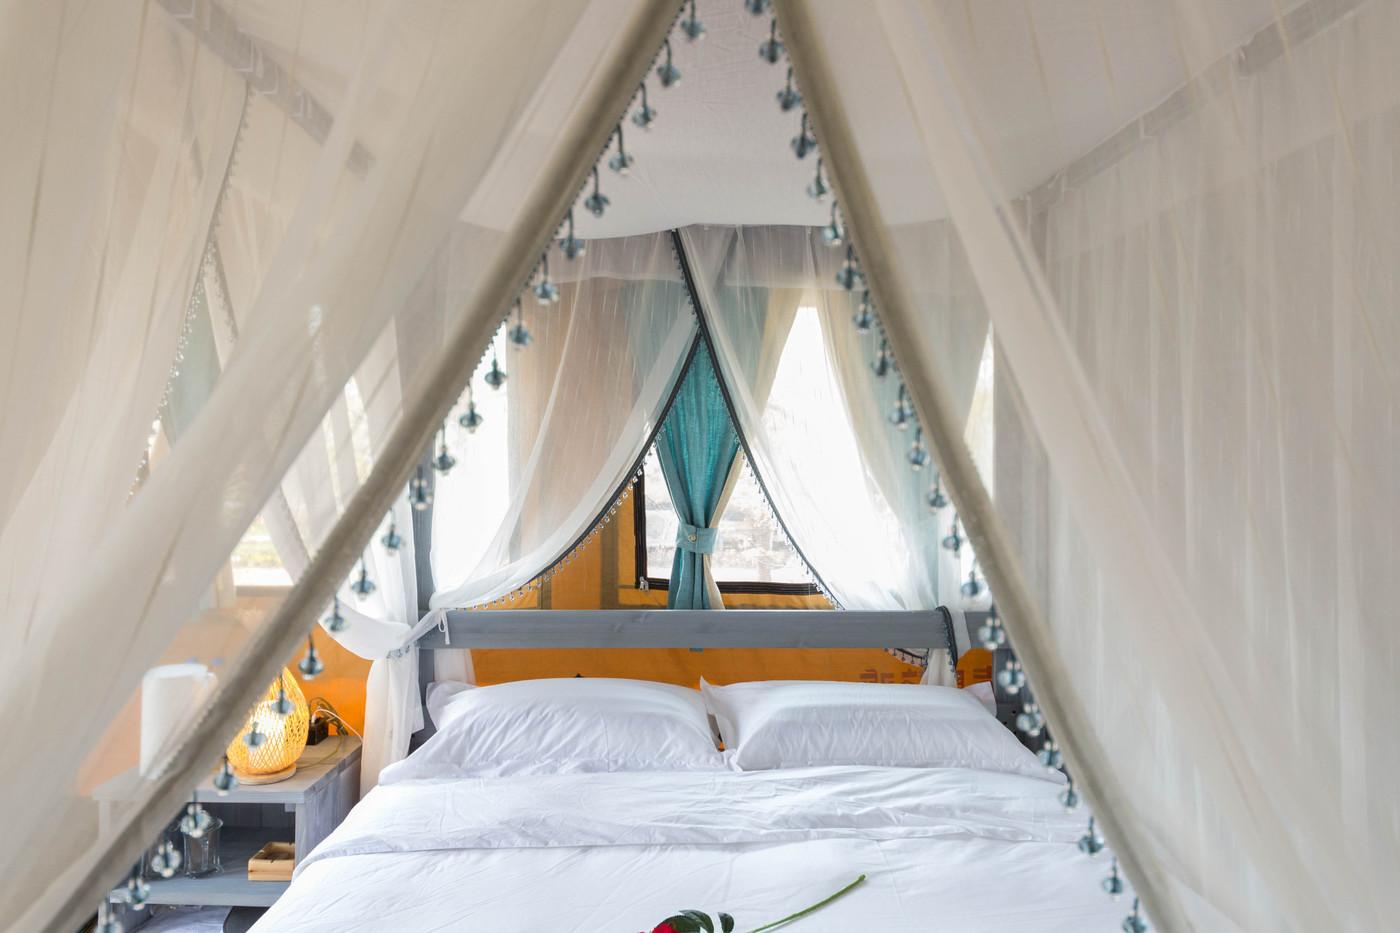 喜马拉雅野奢帐篷酒店—安徽砀山 东篱蓬芦(梨园41平)25